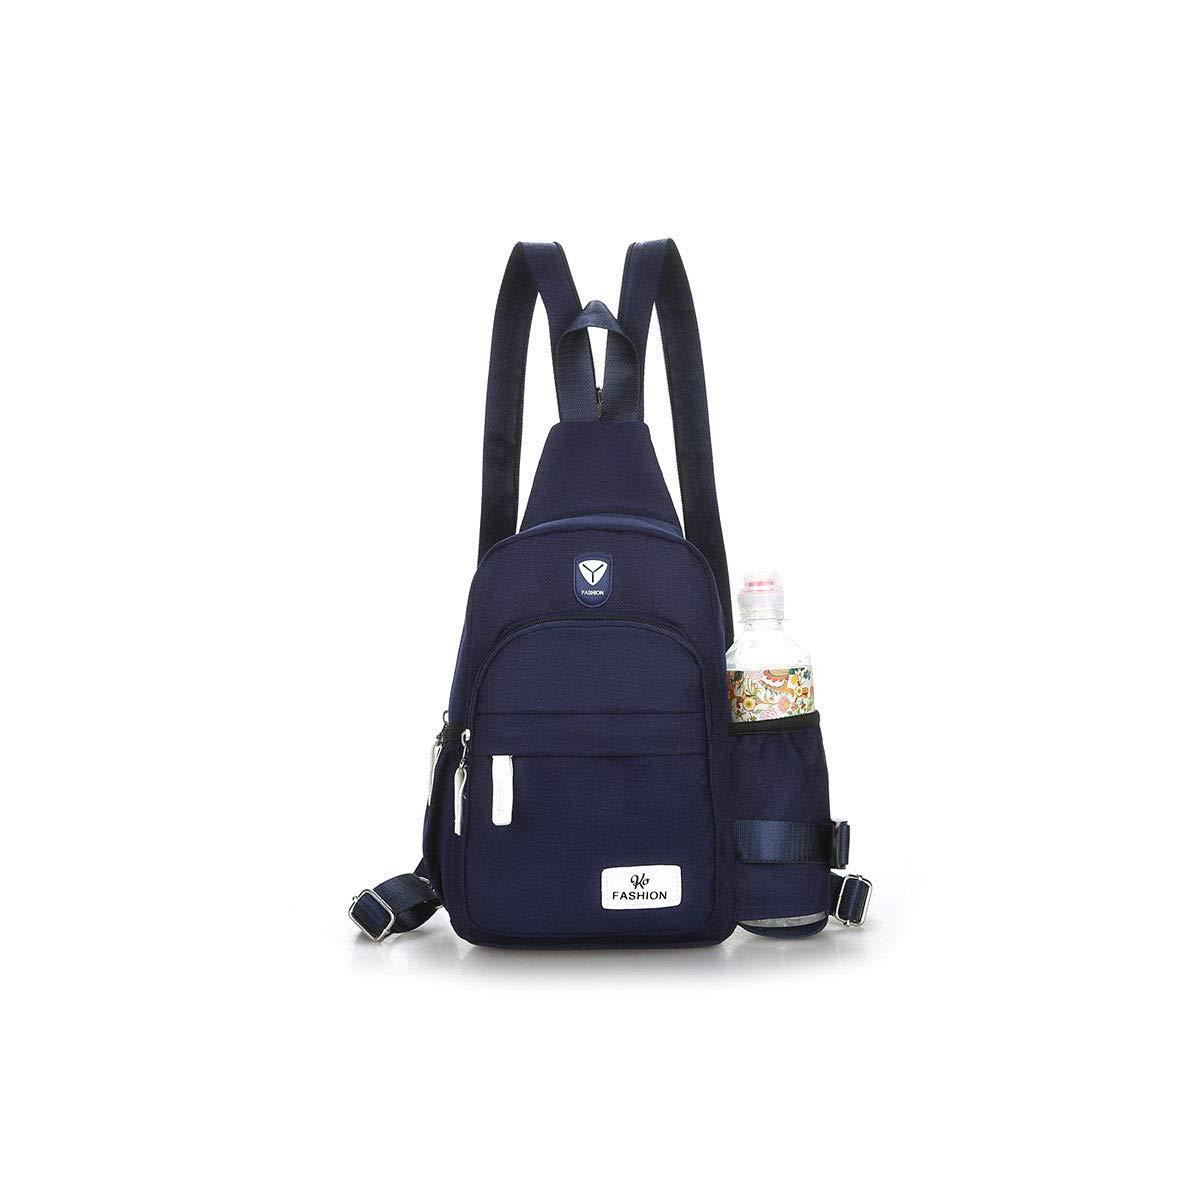 バックパック ナップサック リュックサック 歩兵パック フィールドパック ファッション オックスフォード生地 カジュアル 旅行 クロスボディ バックパック ミニバックパック  ネイビーブルー B07LBSBSH6